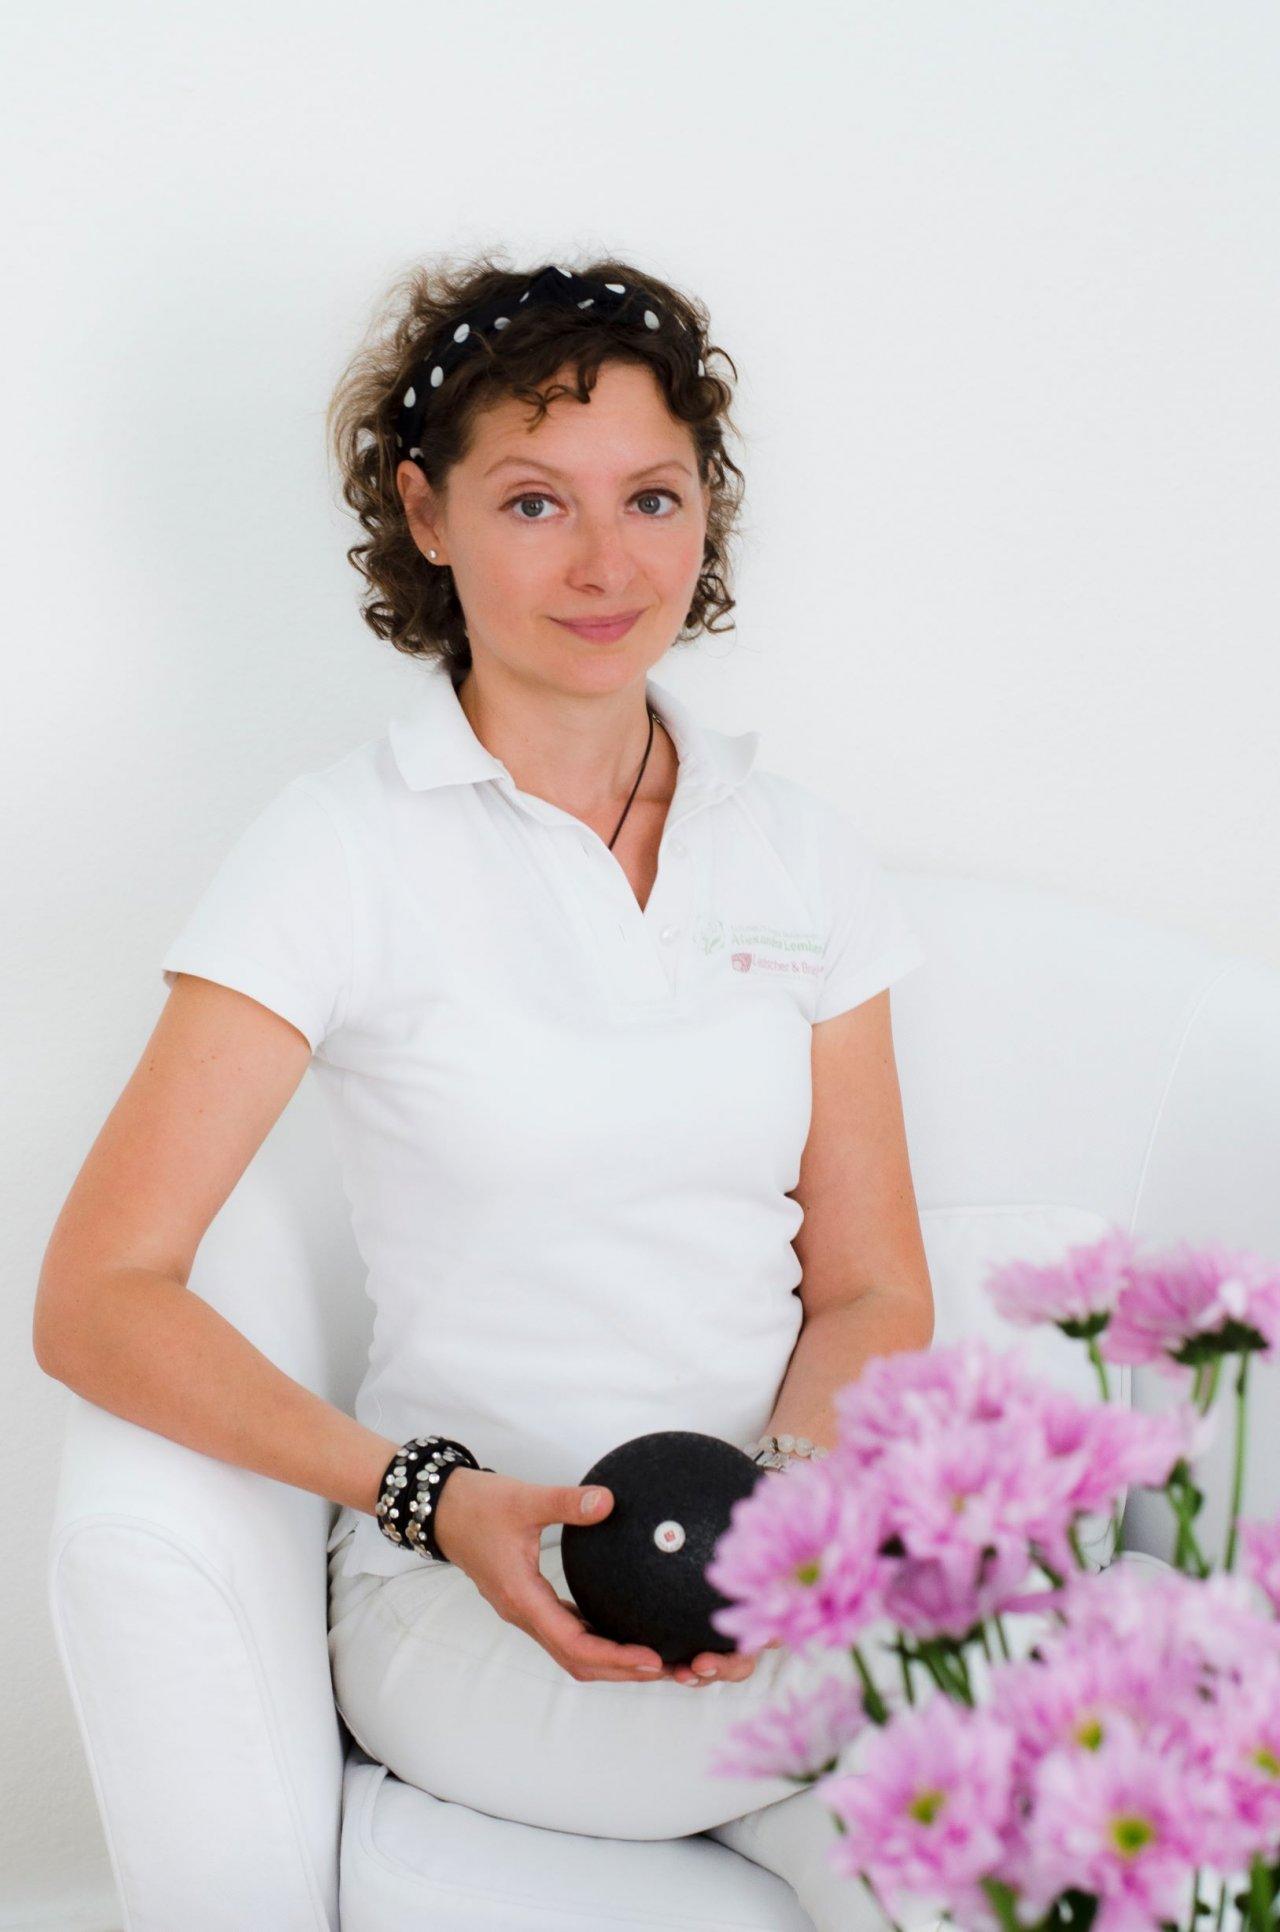 Auf dem Foto ist Alexandra Lemberg aus 40235 Düsseldorf zu sehen. Im Hintergrund sind bunte Motive zu erkennen. Sie hat braune wellige Haare, die sie als Zopf trägt. Auf dem Foto trägt sie eine silberne Kette mit einem Anhänger und ein weißes Polo T-Shirt